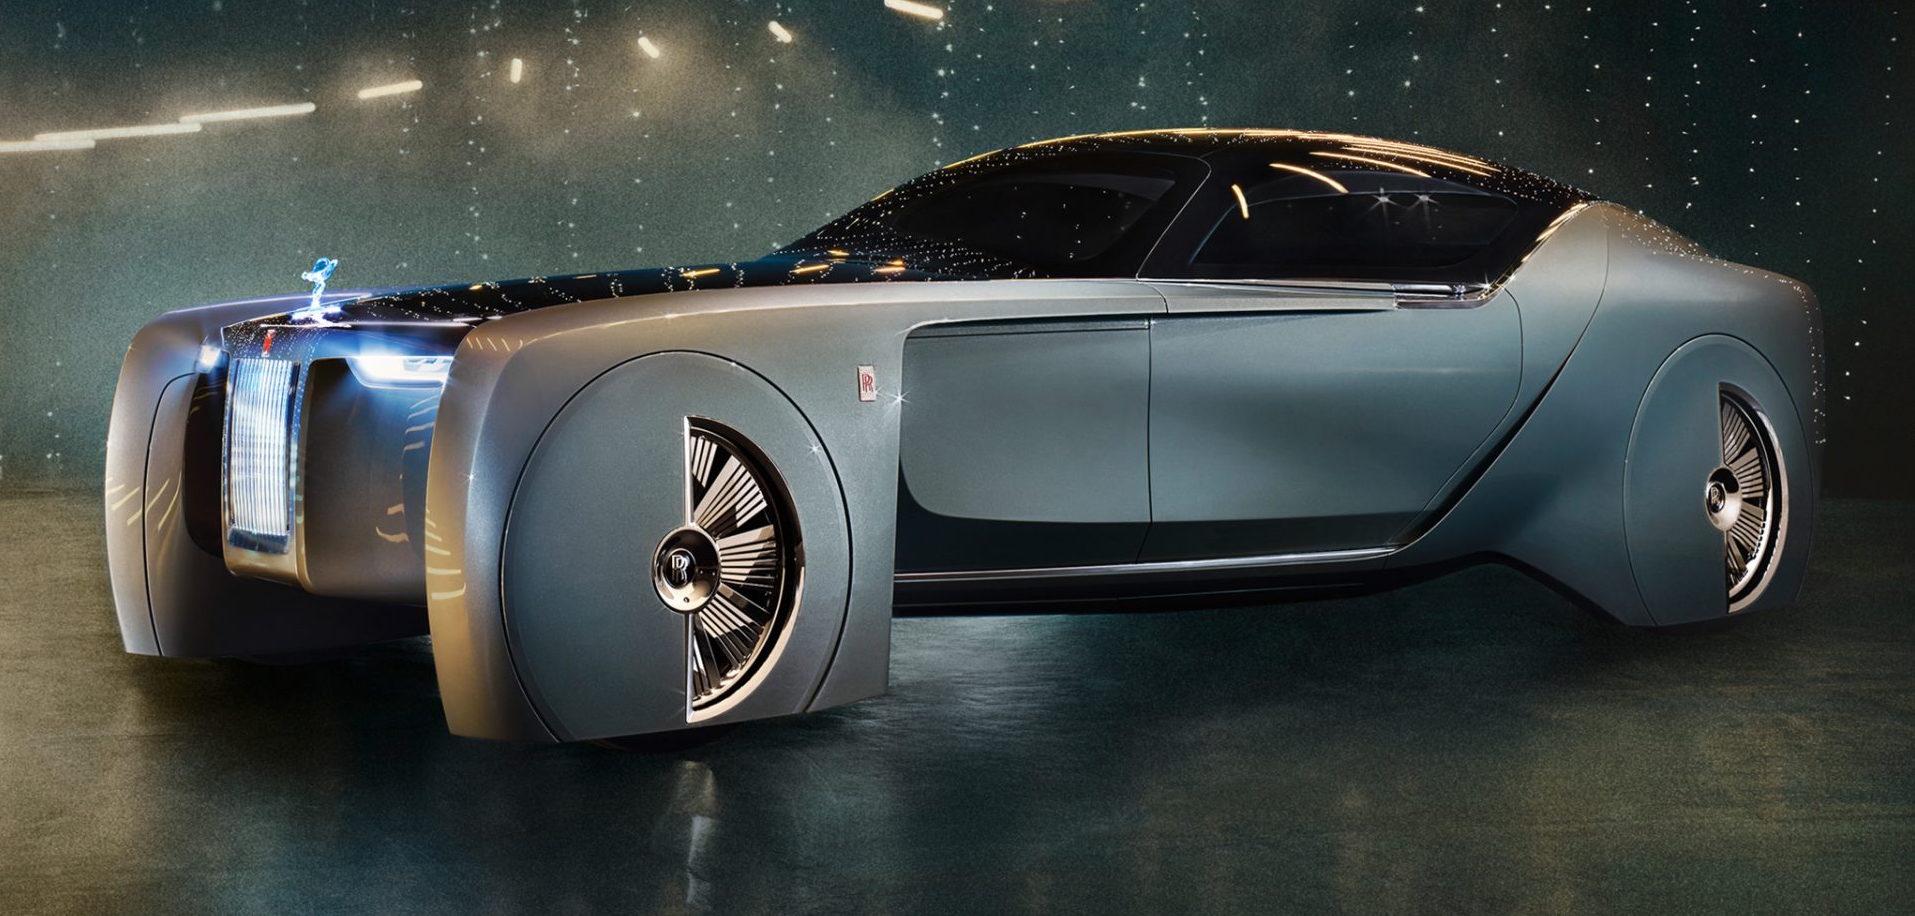 Niesamowity Rolls-Royce 103EX, setne urodziny BMW na bogato